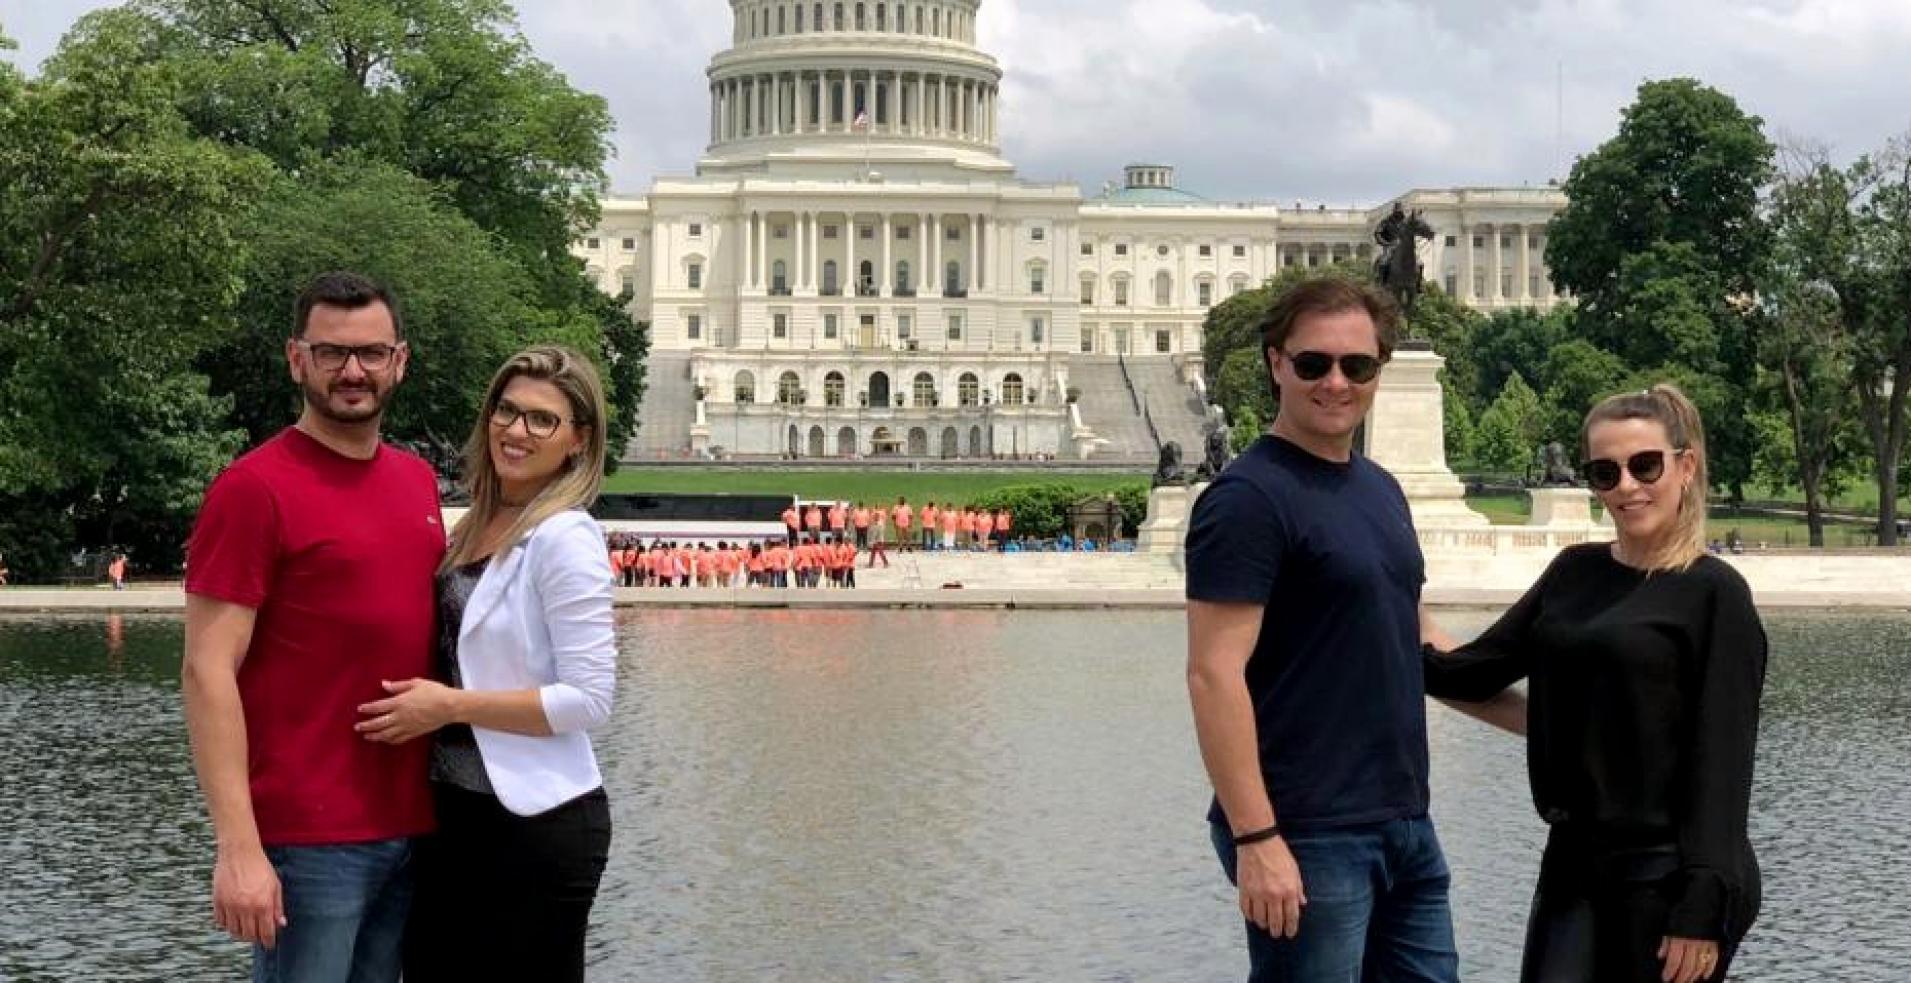 ROAD TRIP em casais PARTE 2: Pedalando em  Washington D.C.